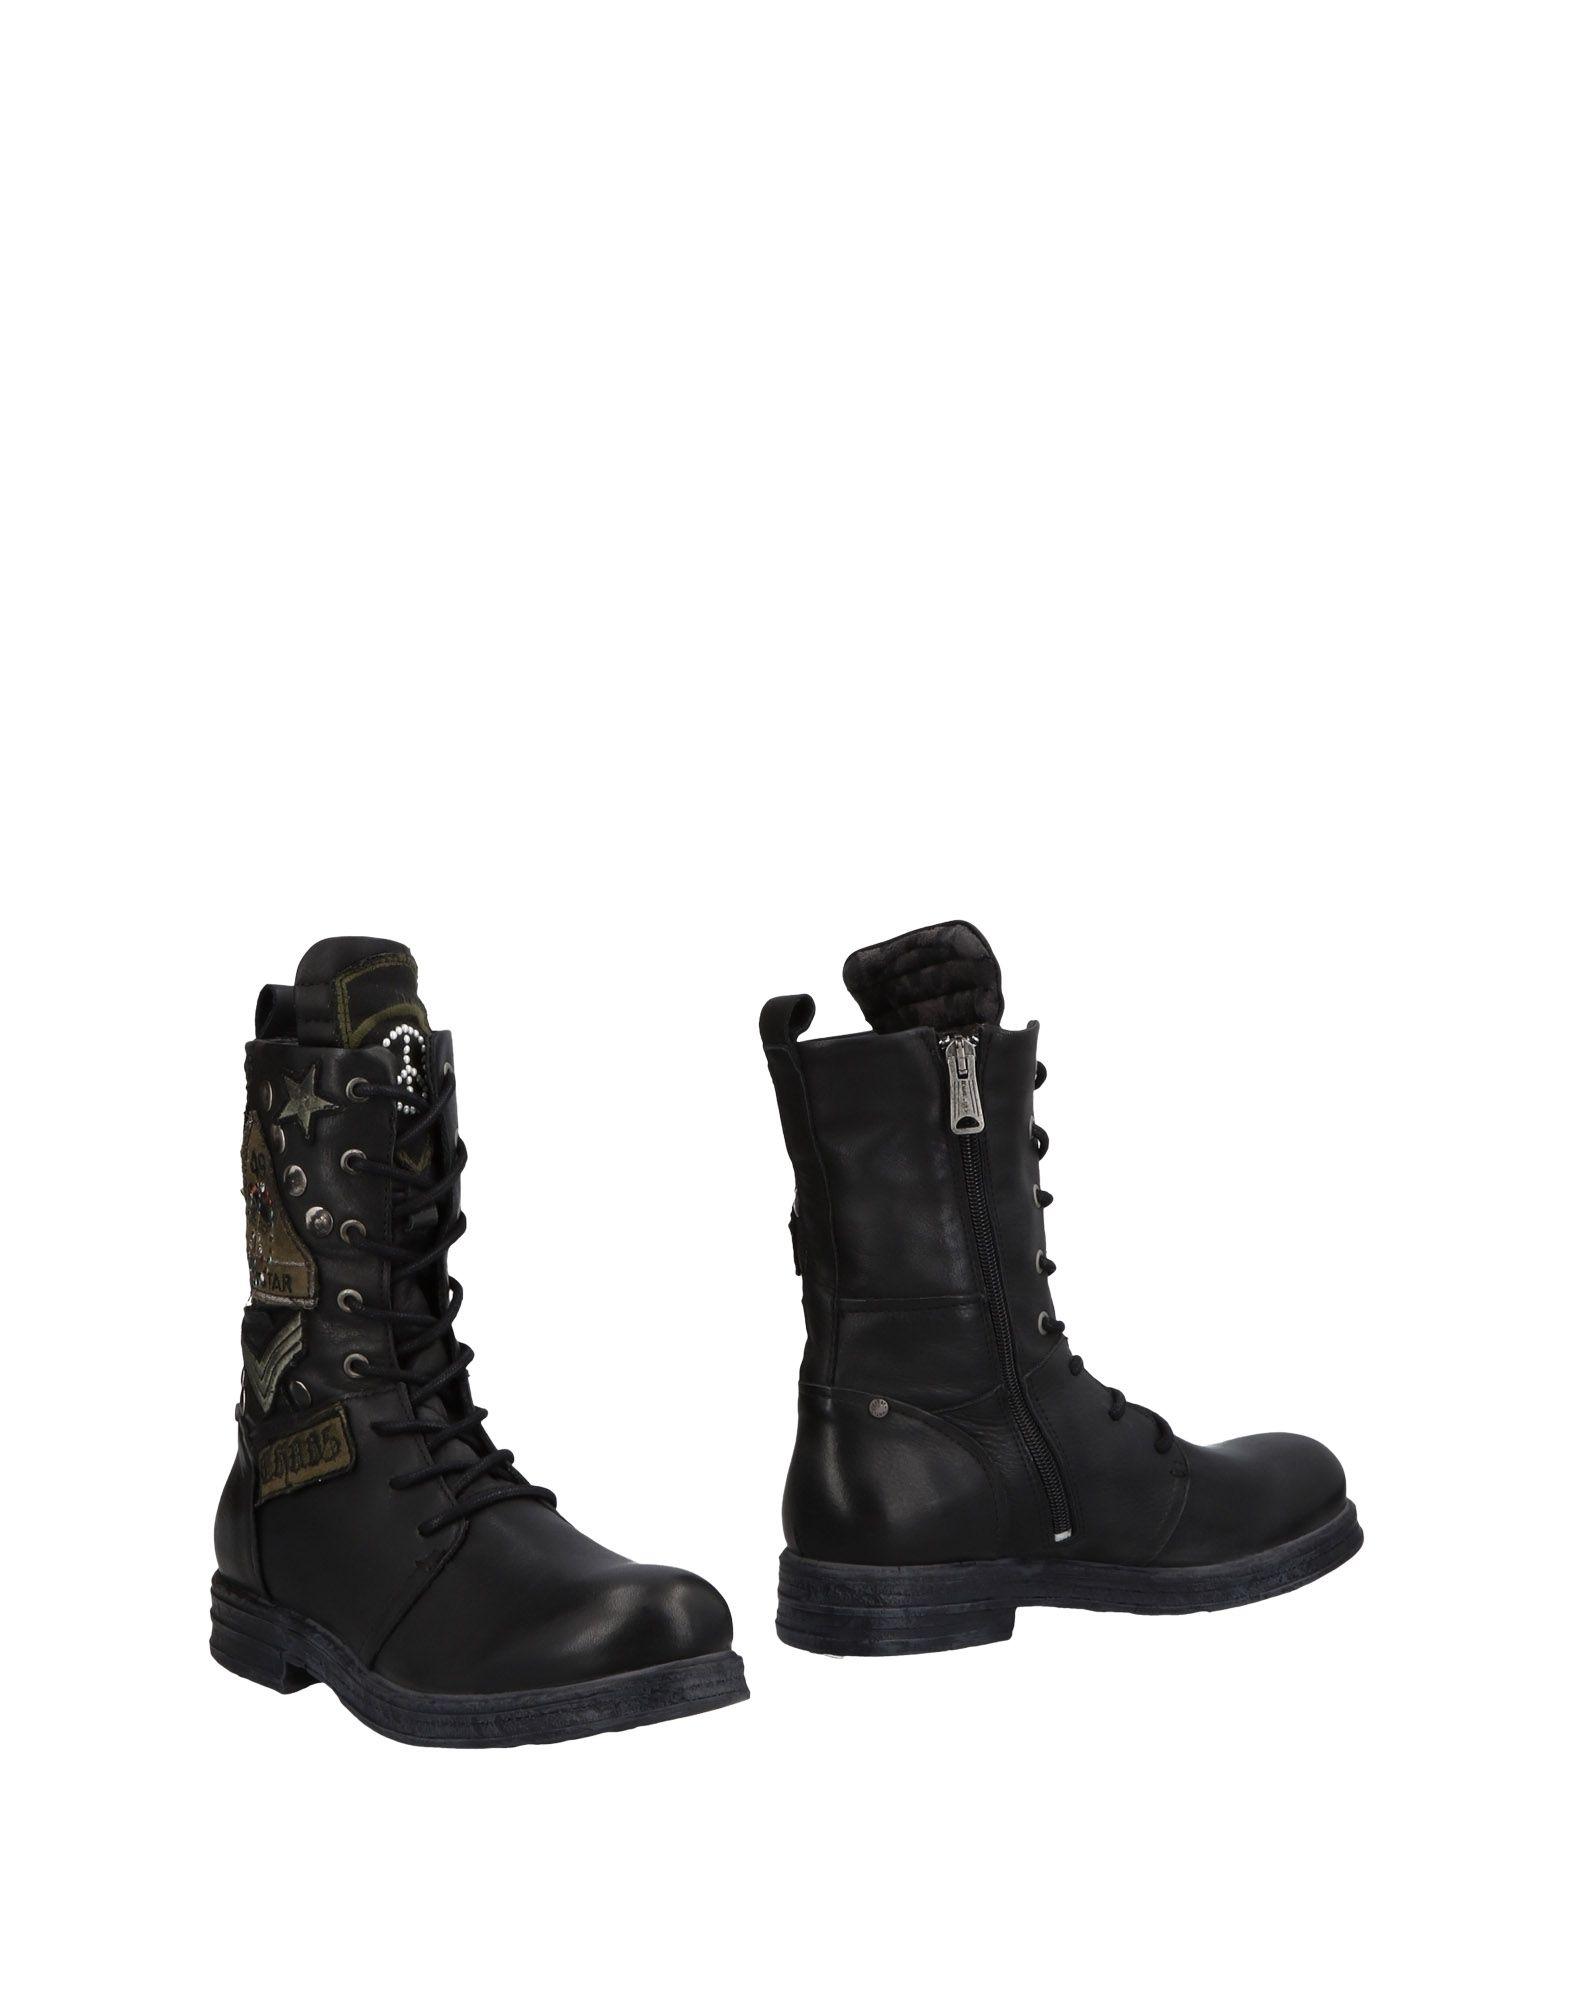 Replay Stiefelette Damen  11493779JXGut aussehende strapazierfähige Schuhe